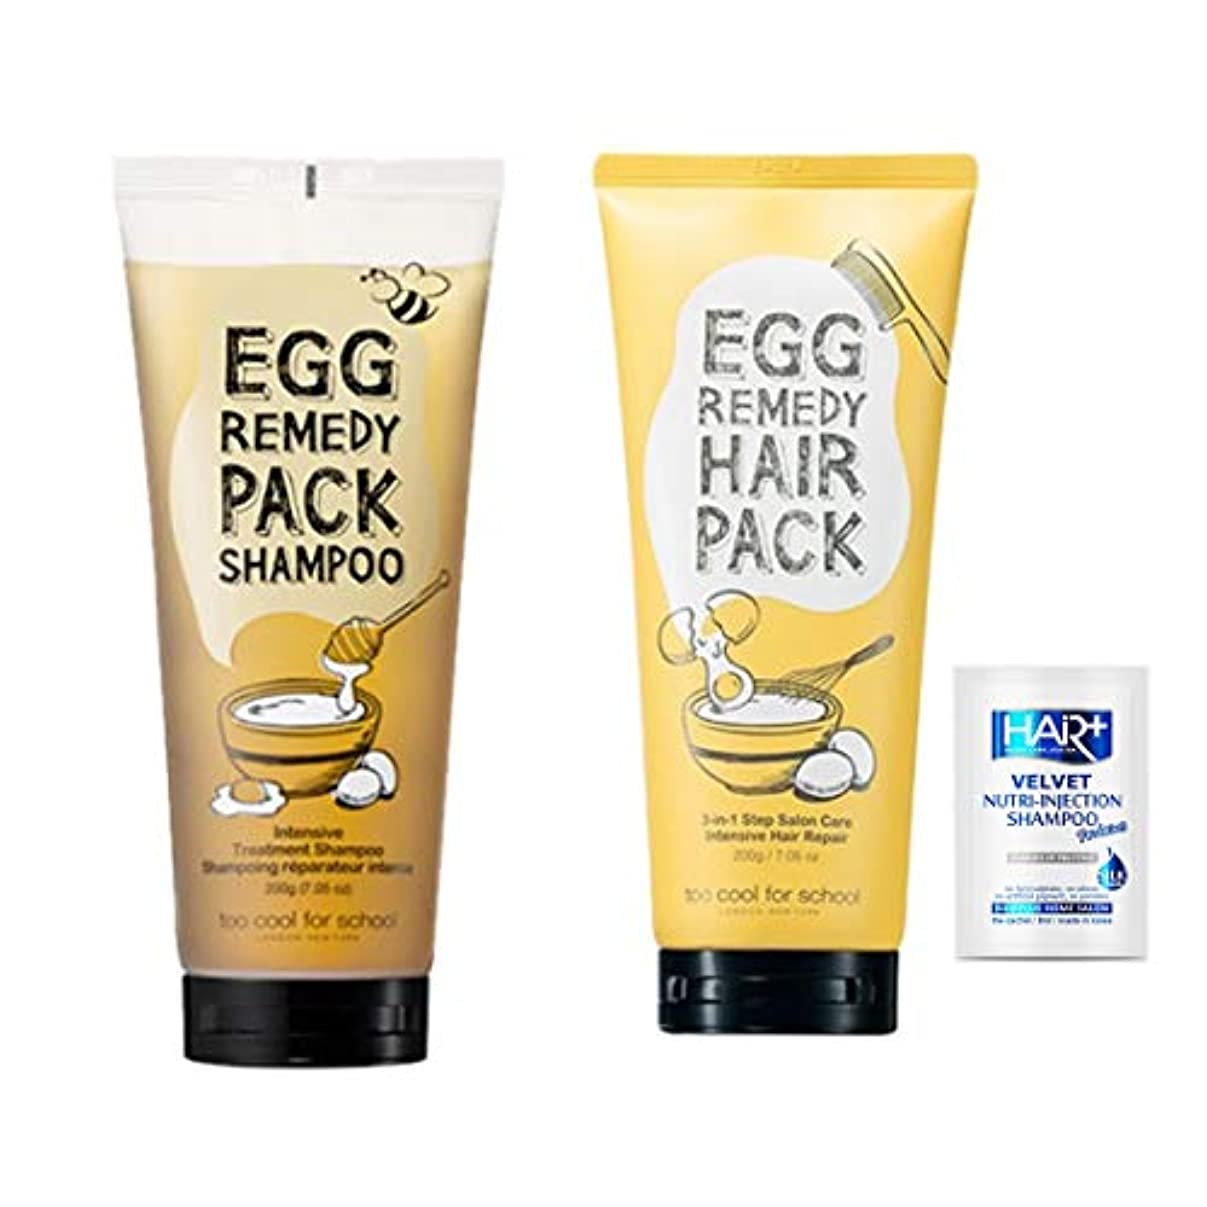 壮大確執プレゼントゥークールフォ―スクール(too cool for school)/エッグレミディパックシャンプーtoo cool for school Egg Remedy Pack Shampoo 200ml + エッグレミディヘアパック...